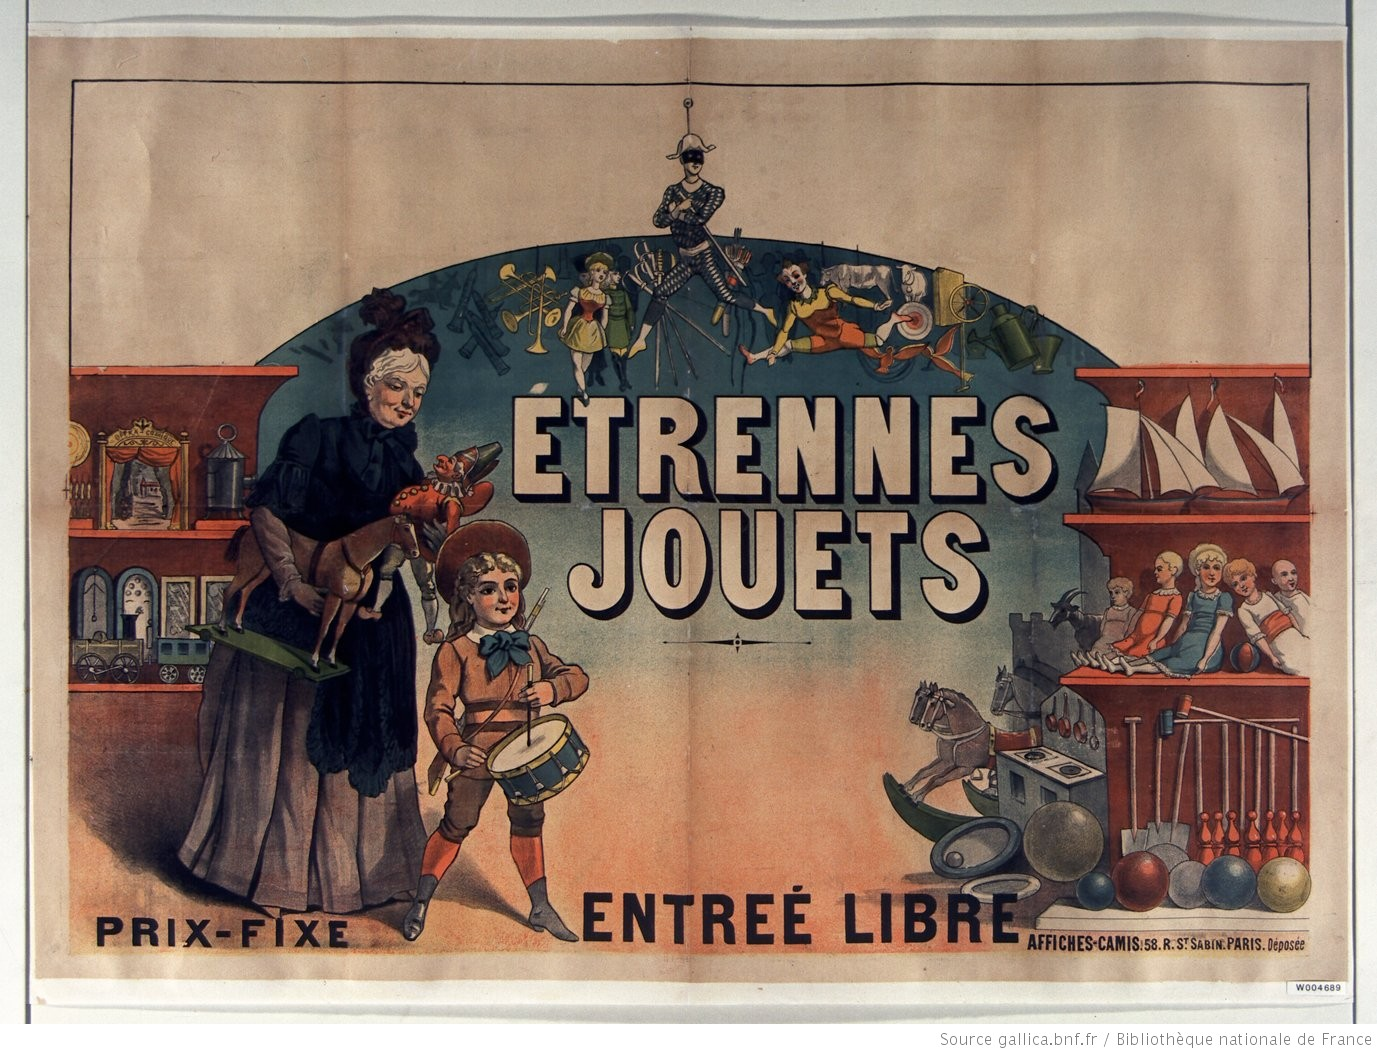 Etrennes_jouets_entrée_libre_prix_[...]_btv1b9014995d